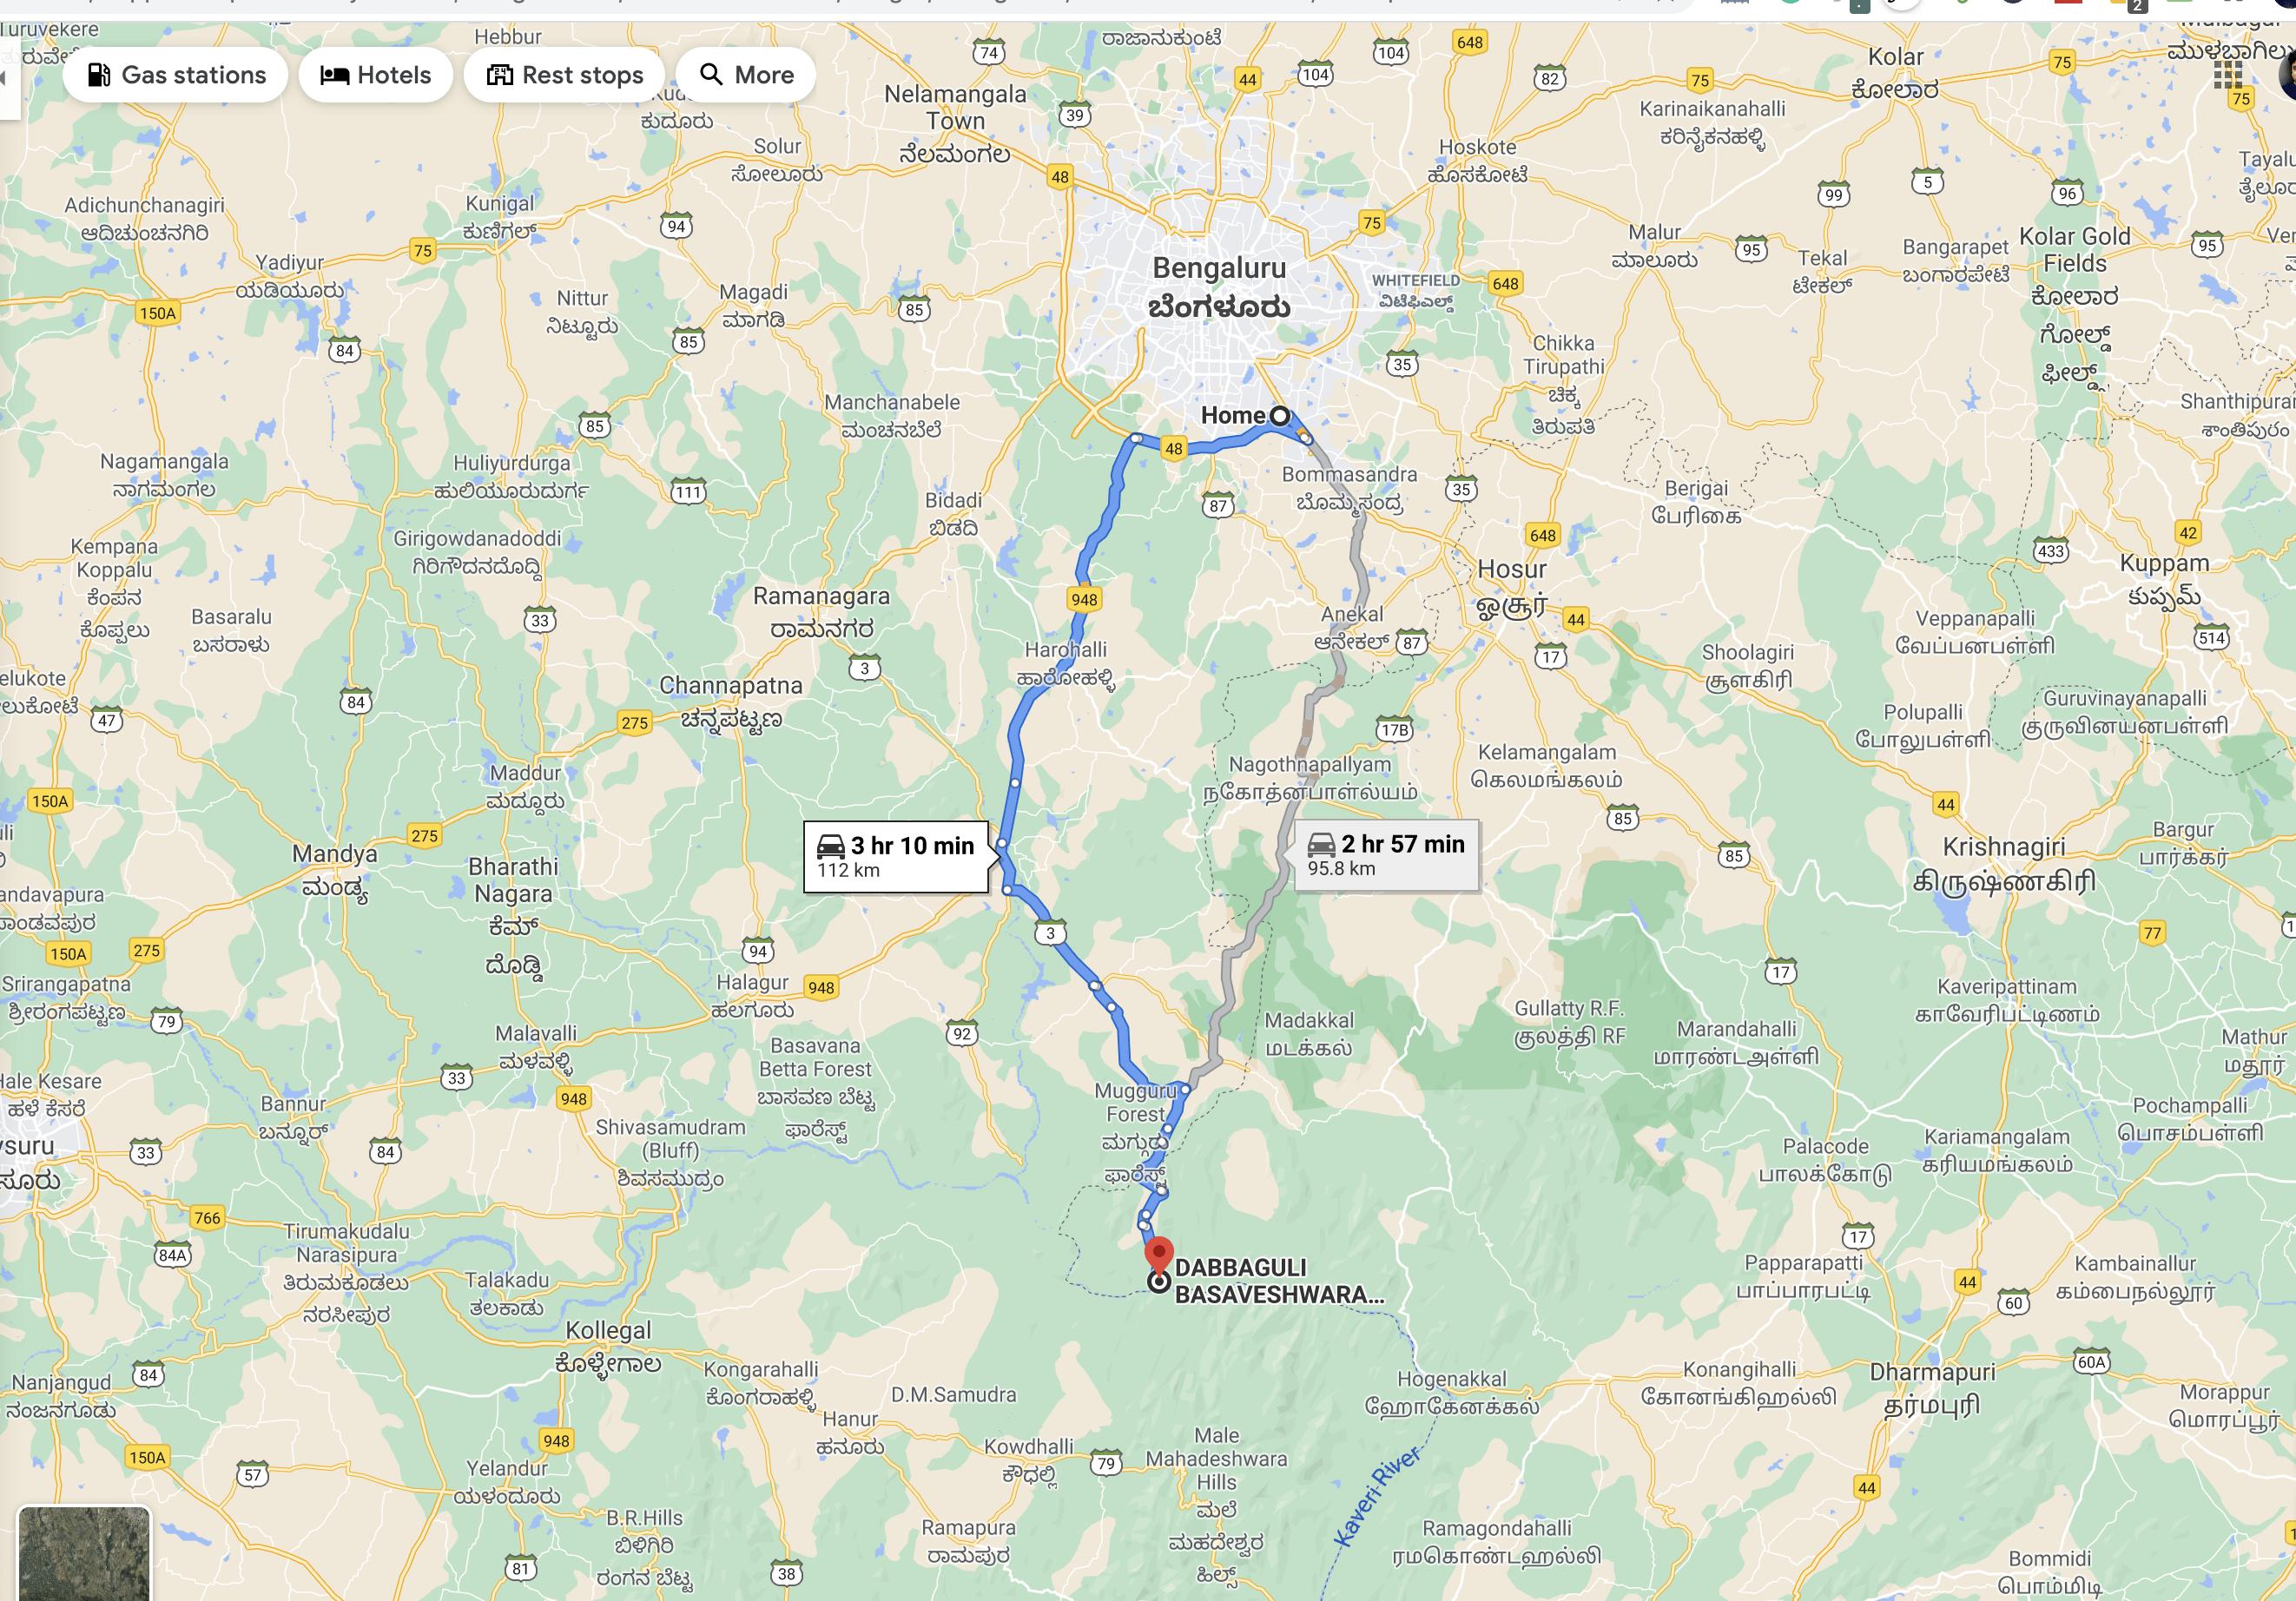 Bangalore-DabbaGuli Route